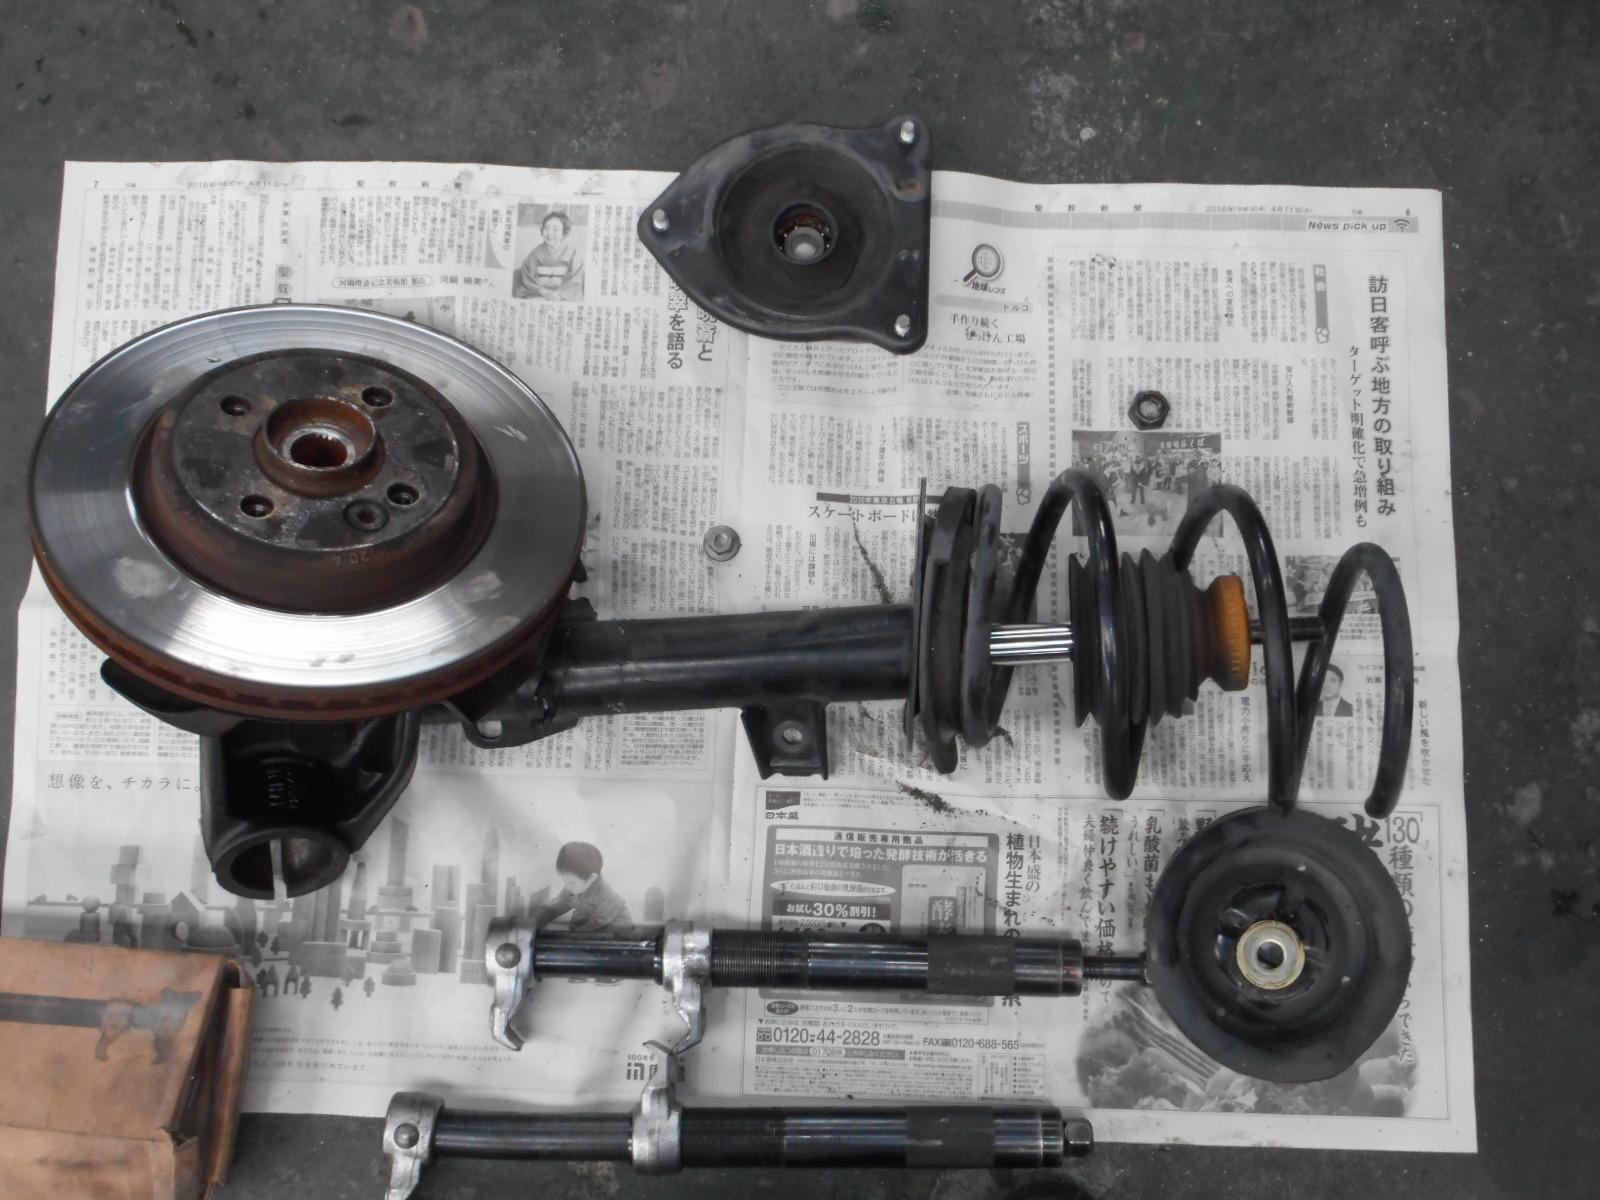 BMW ミニクーパー (R50) ハンドル切ると異音 修理_c0267693_17255612.jpg